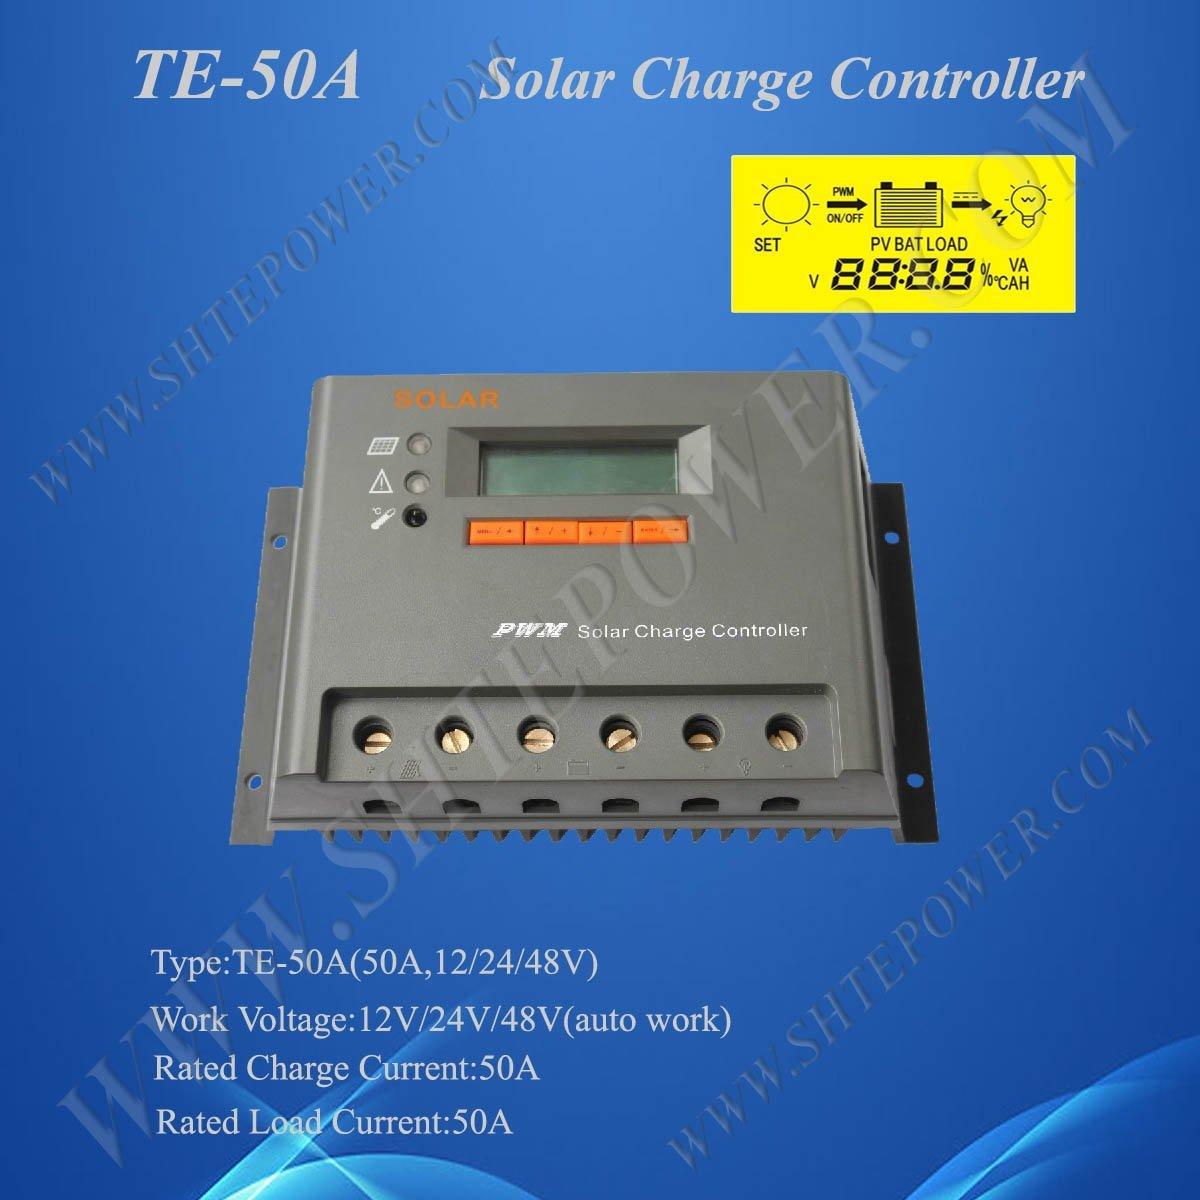 2400 Вт 12 В 24 В 48 В Контроллер заряда, 2 года гарантии, ce& rohs утвержденных